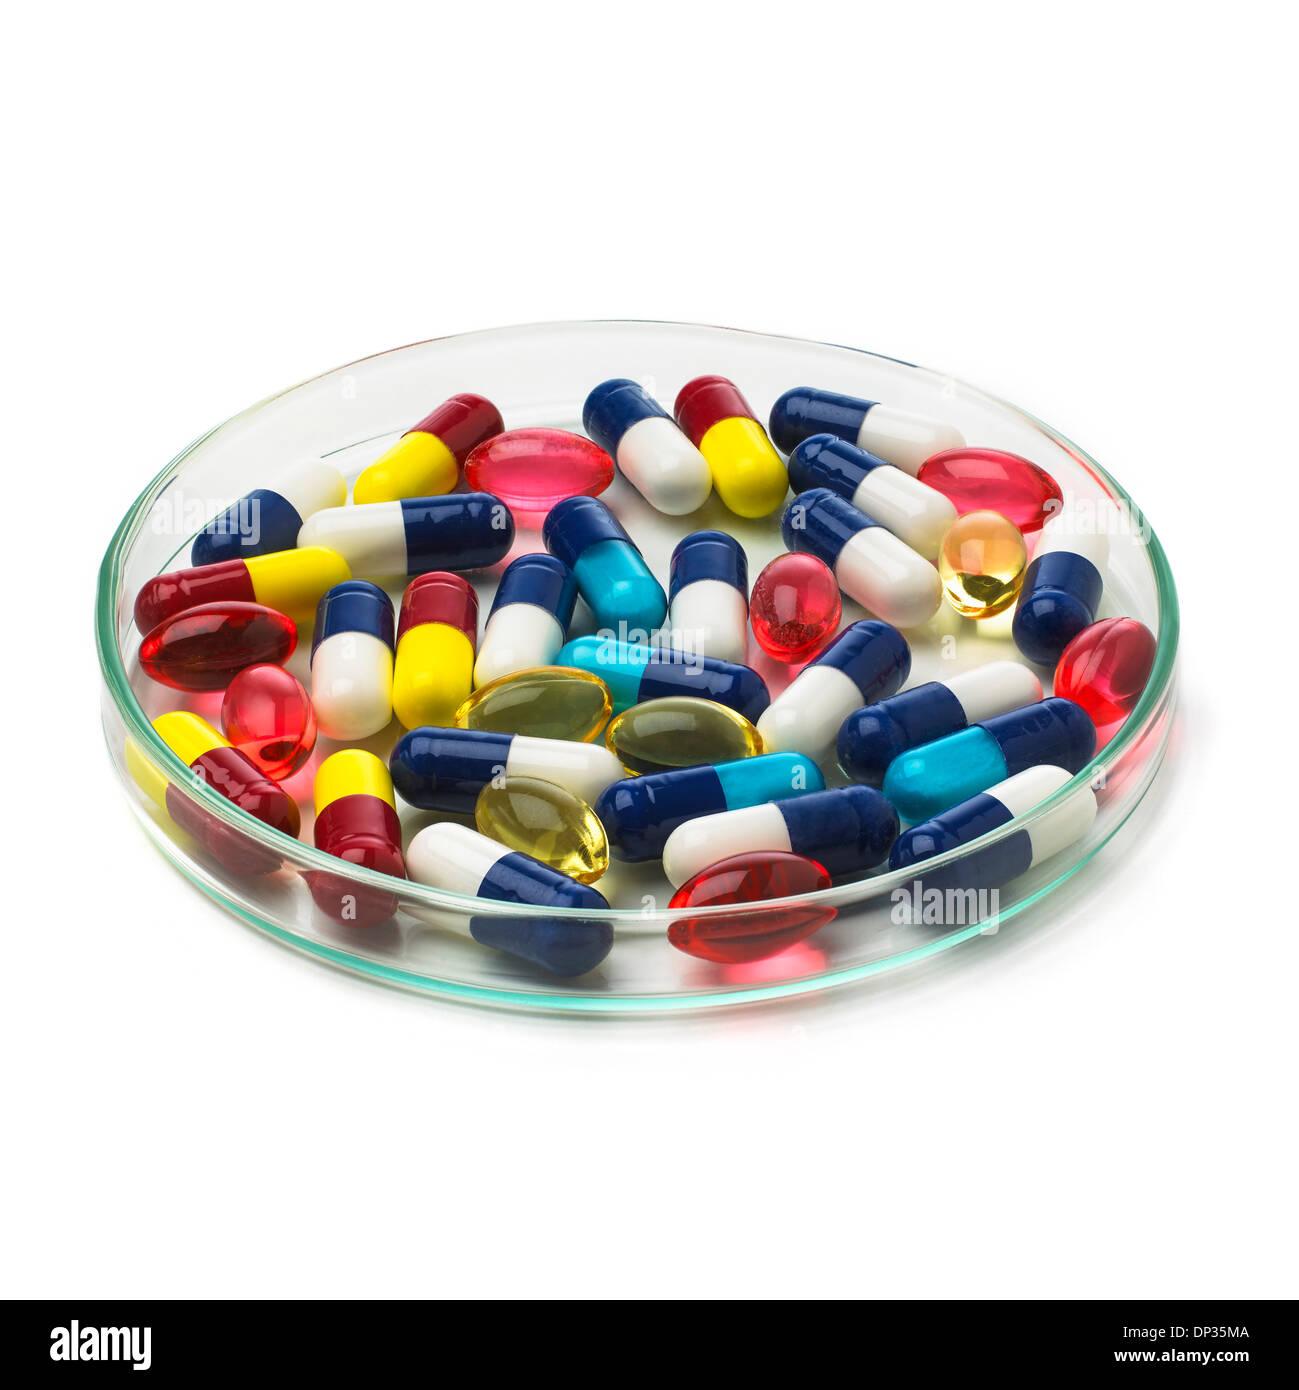 La recherche pharmaceutique, conceptual image Photo Stock